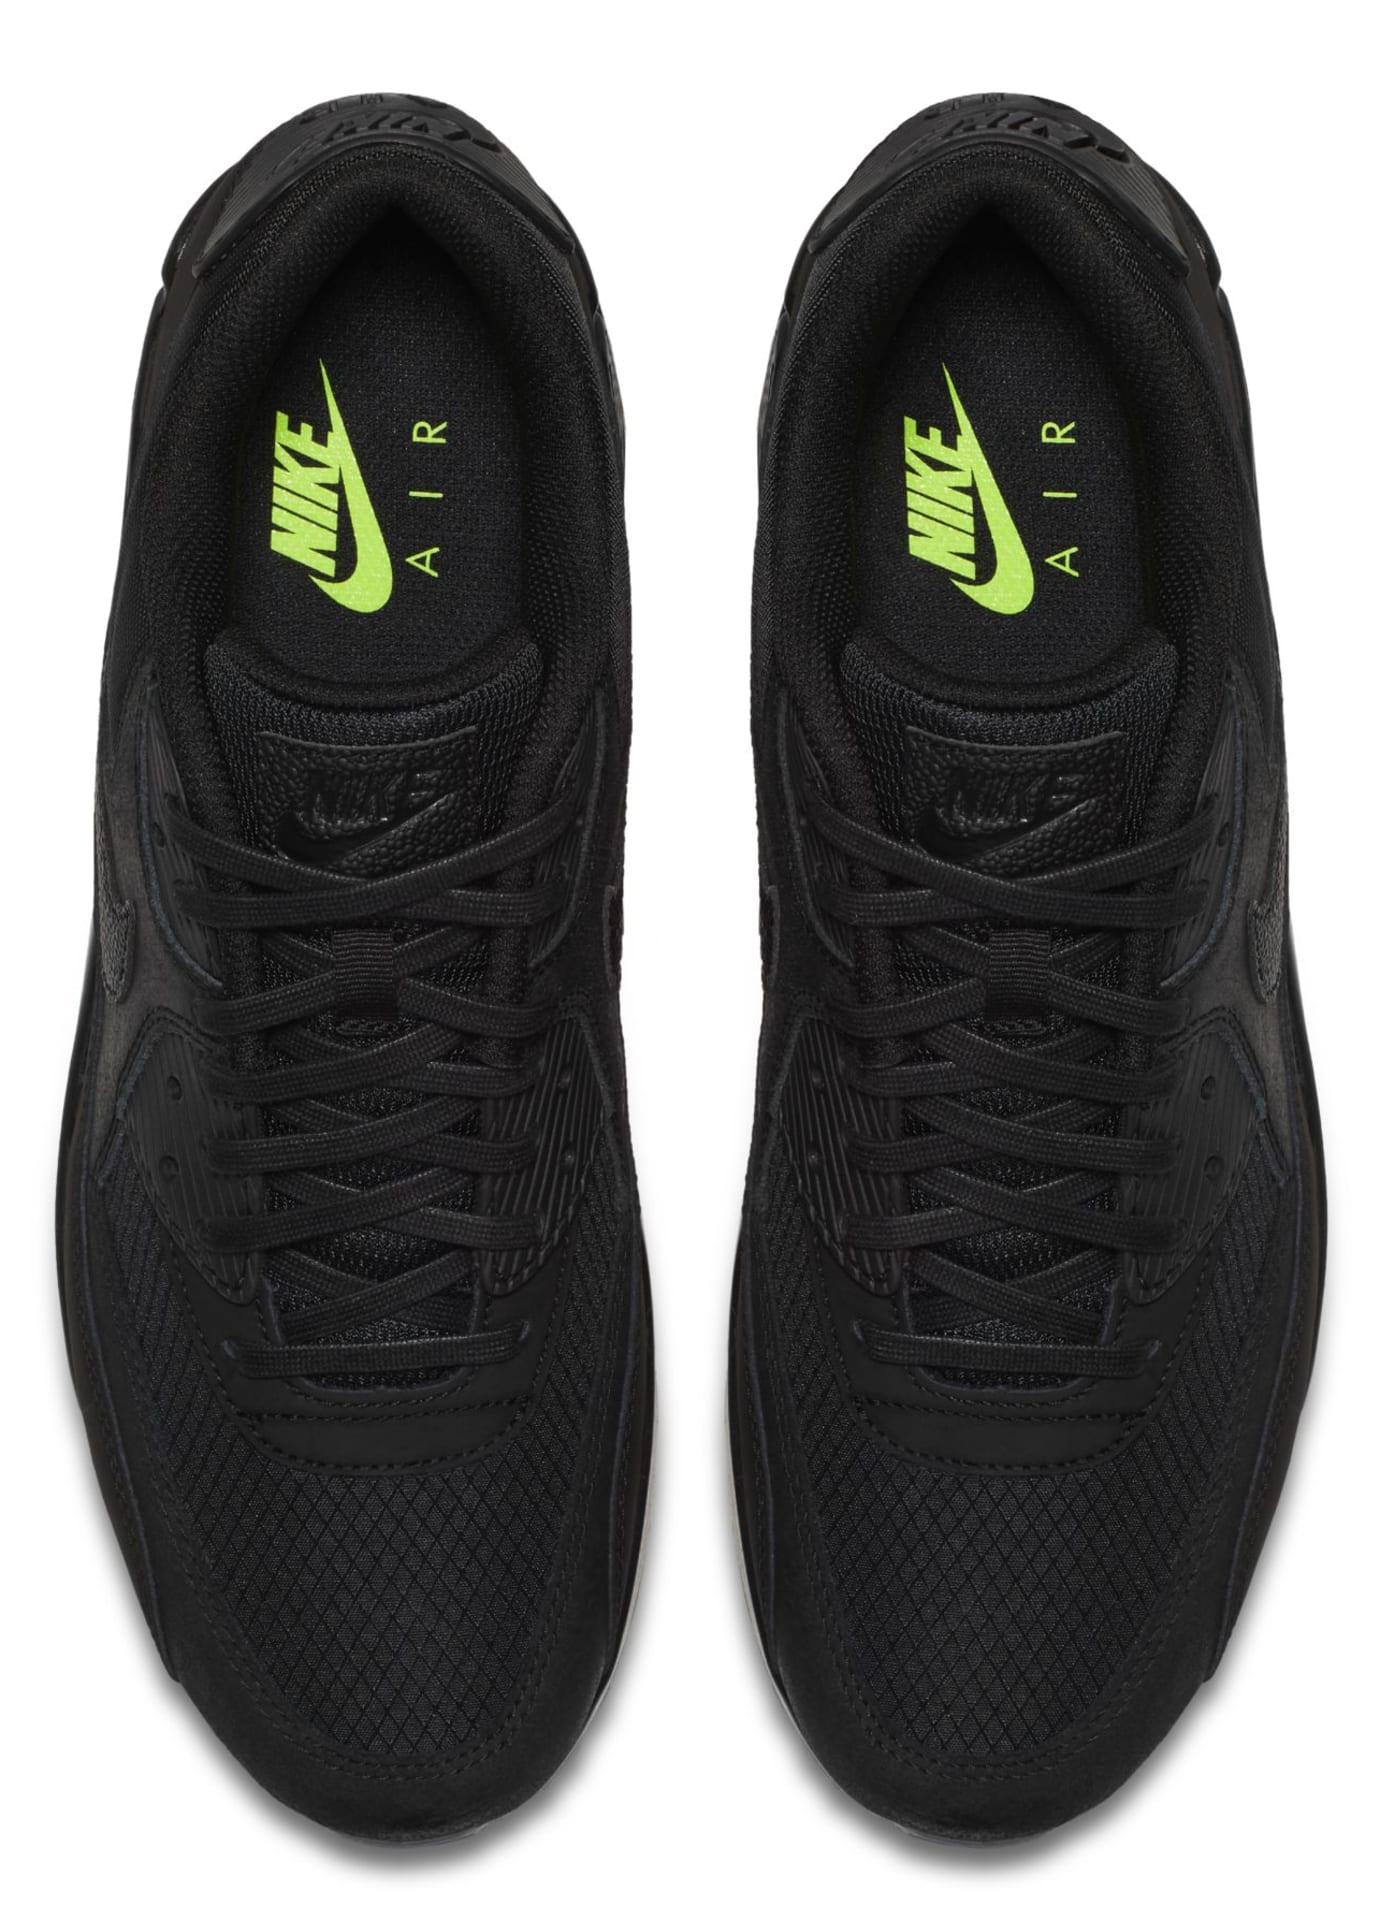 Nike Air Max 90 'Black/Volt' AQ6101-001 (Top)